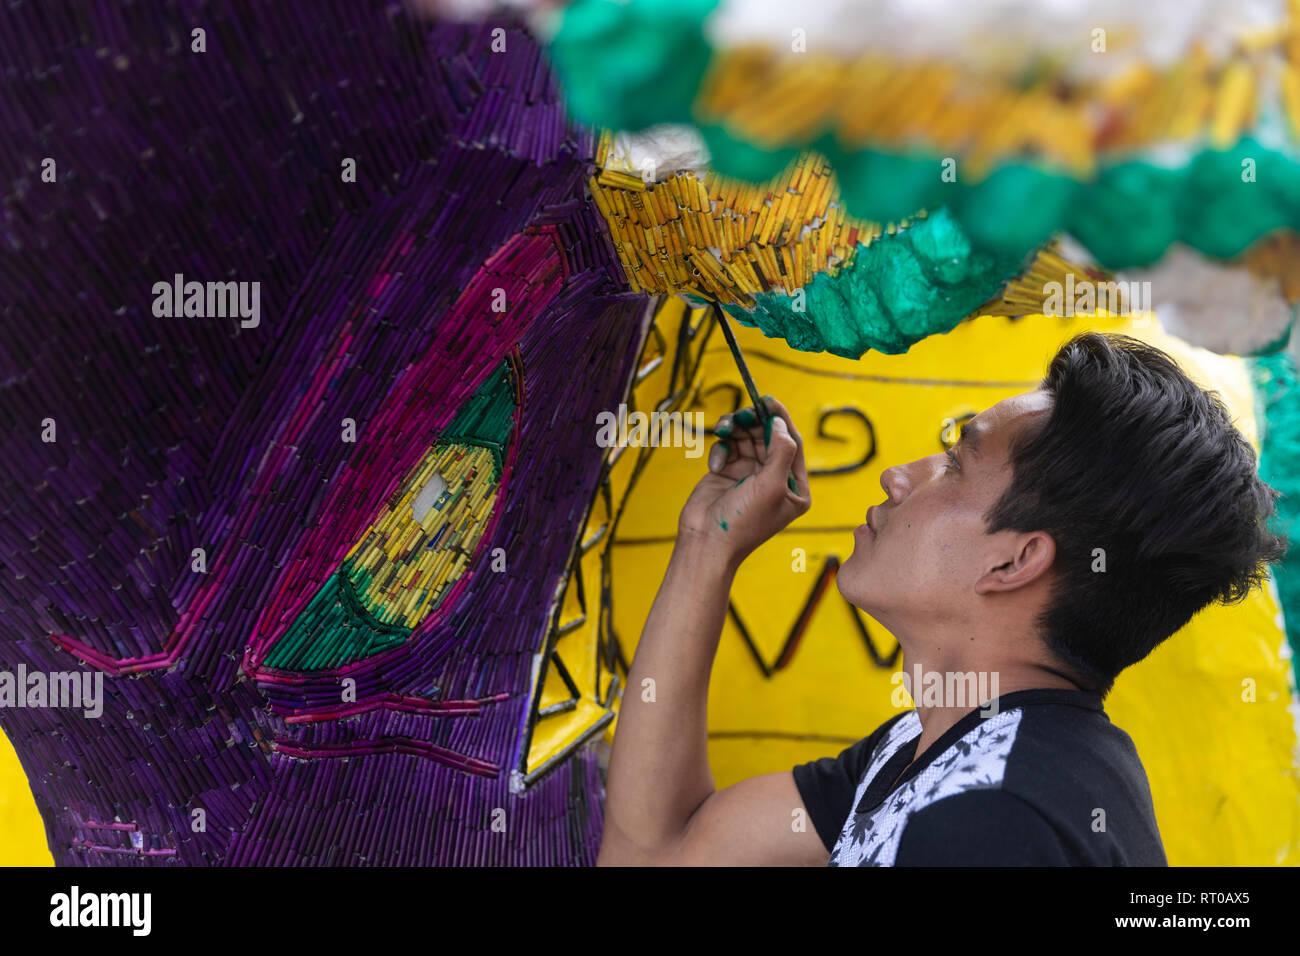 El 8 de marzo es la fecha para la quema de toros, un acto de la pirotecnia Nacional Festival que tiene lugar anualmente en Tultepec, Estado de México. Imagen De Stock